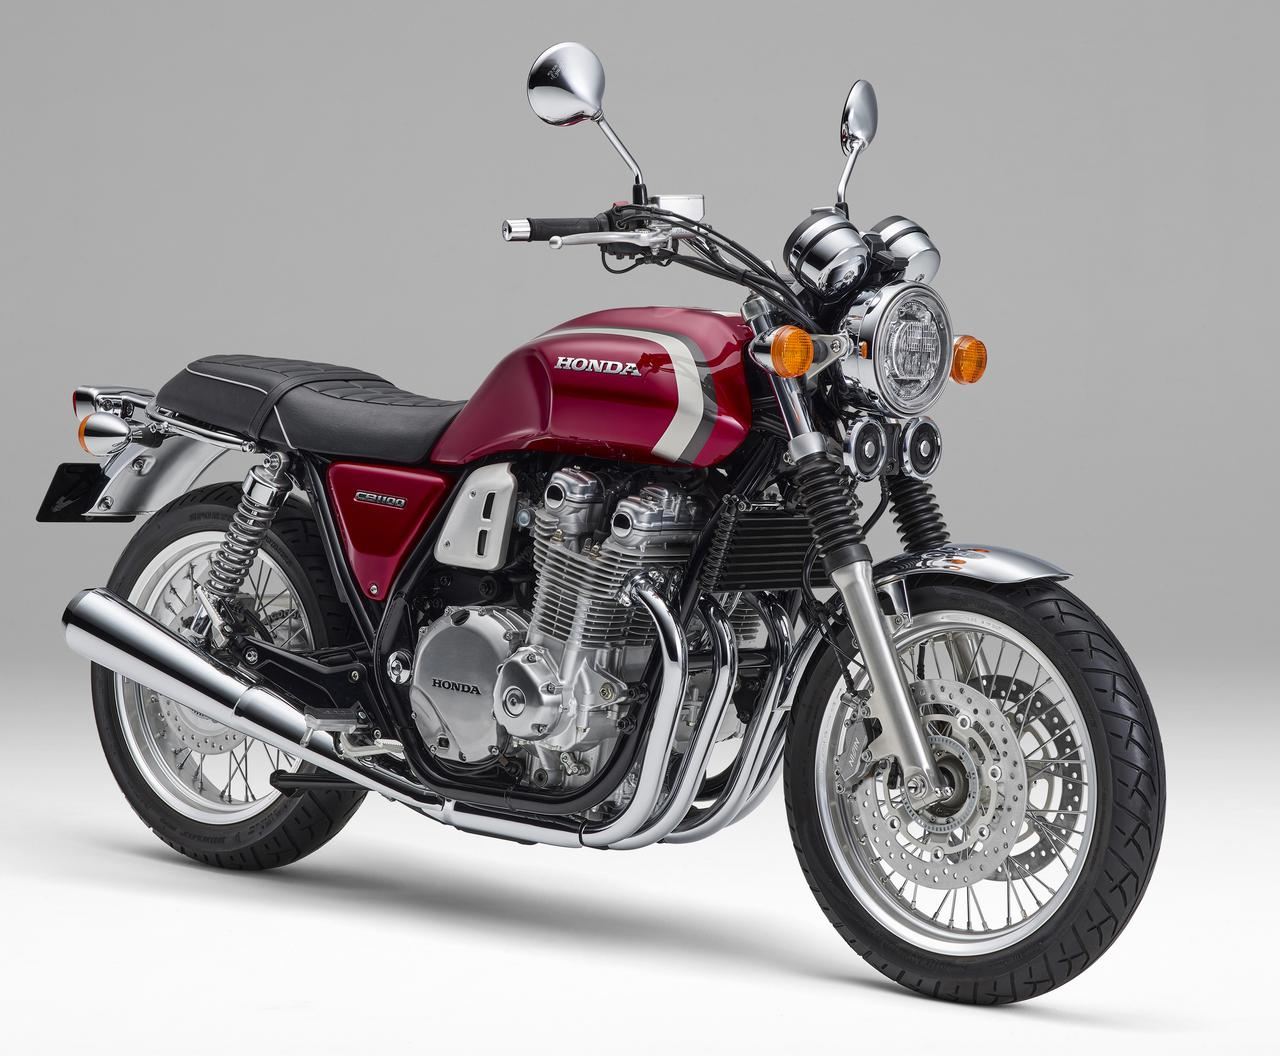 画像: Honda CB1100 EX Final Edition 総排気量:1140cc エンジン形式:空冷4ストDOHC4バルブ並列4気筒 シート高:780mm 車両重量:255kg 発売日:2021年11月25日(木) 予約期間:2021年10月8日(金)~2021年11月30日(火) 税込価格:136万2900円